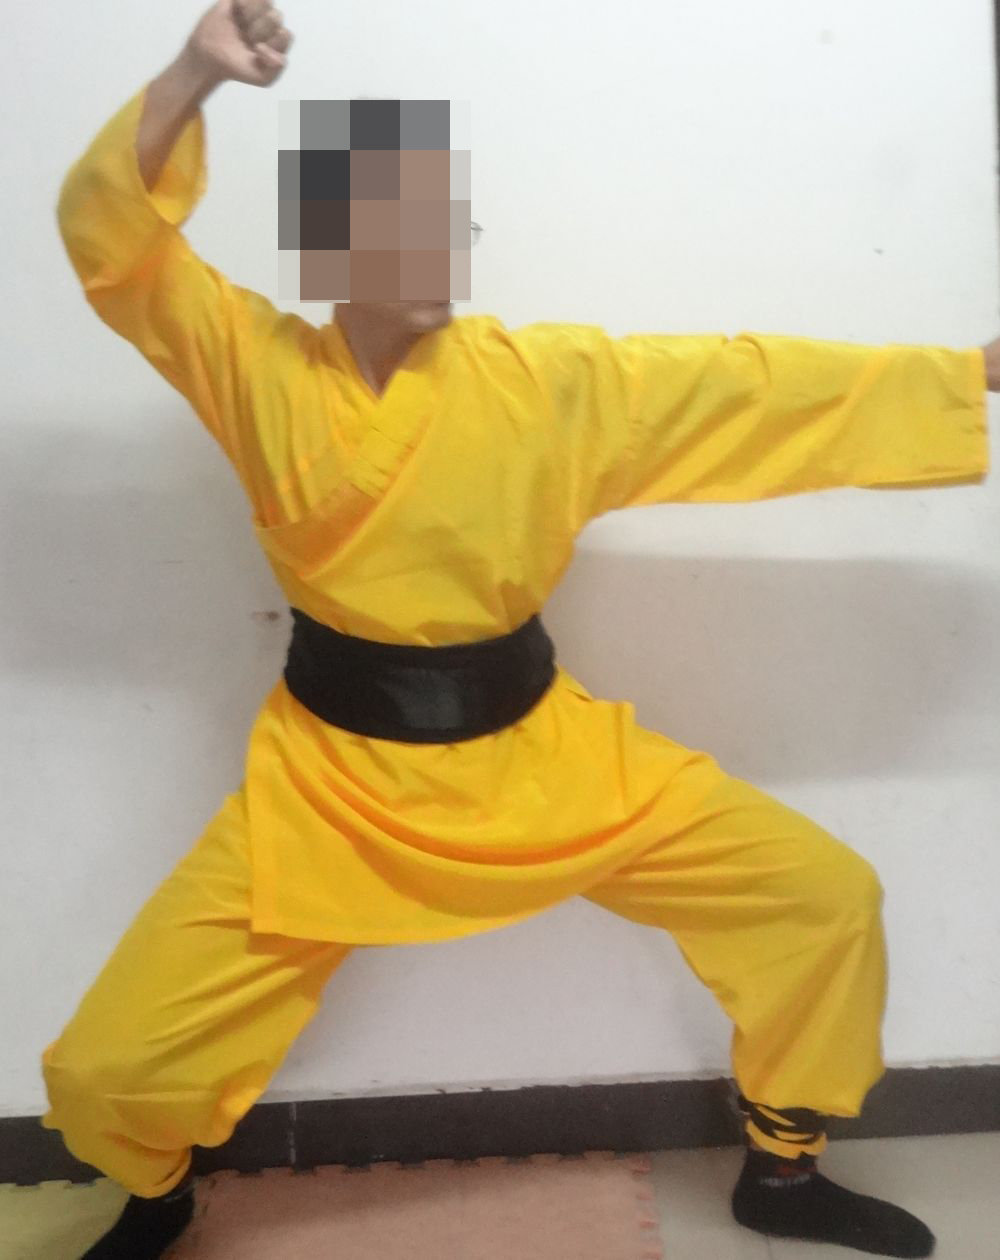 Shaolin rahipler: Gerçekten onlar